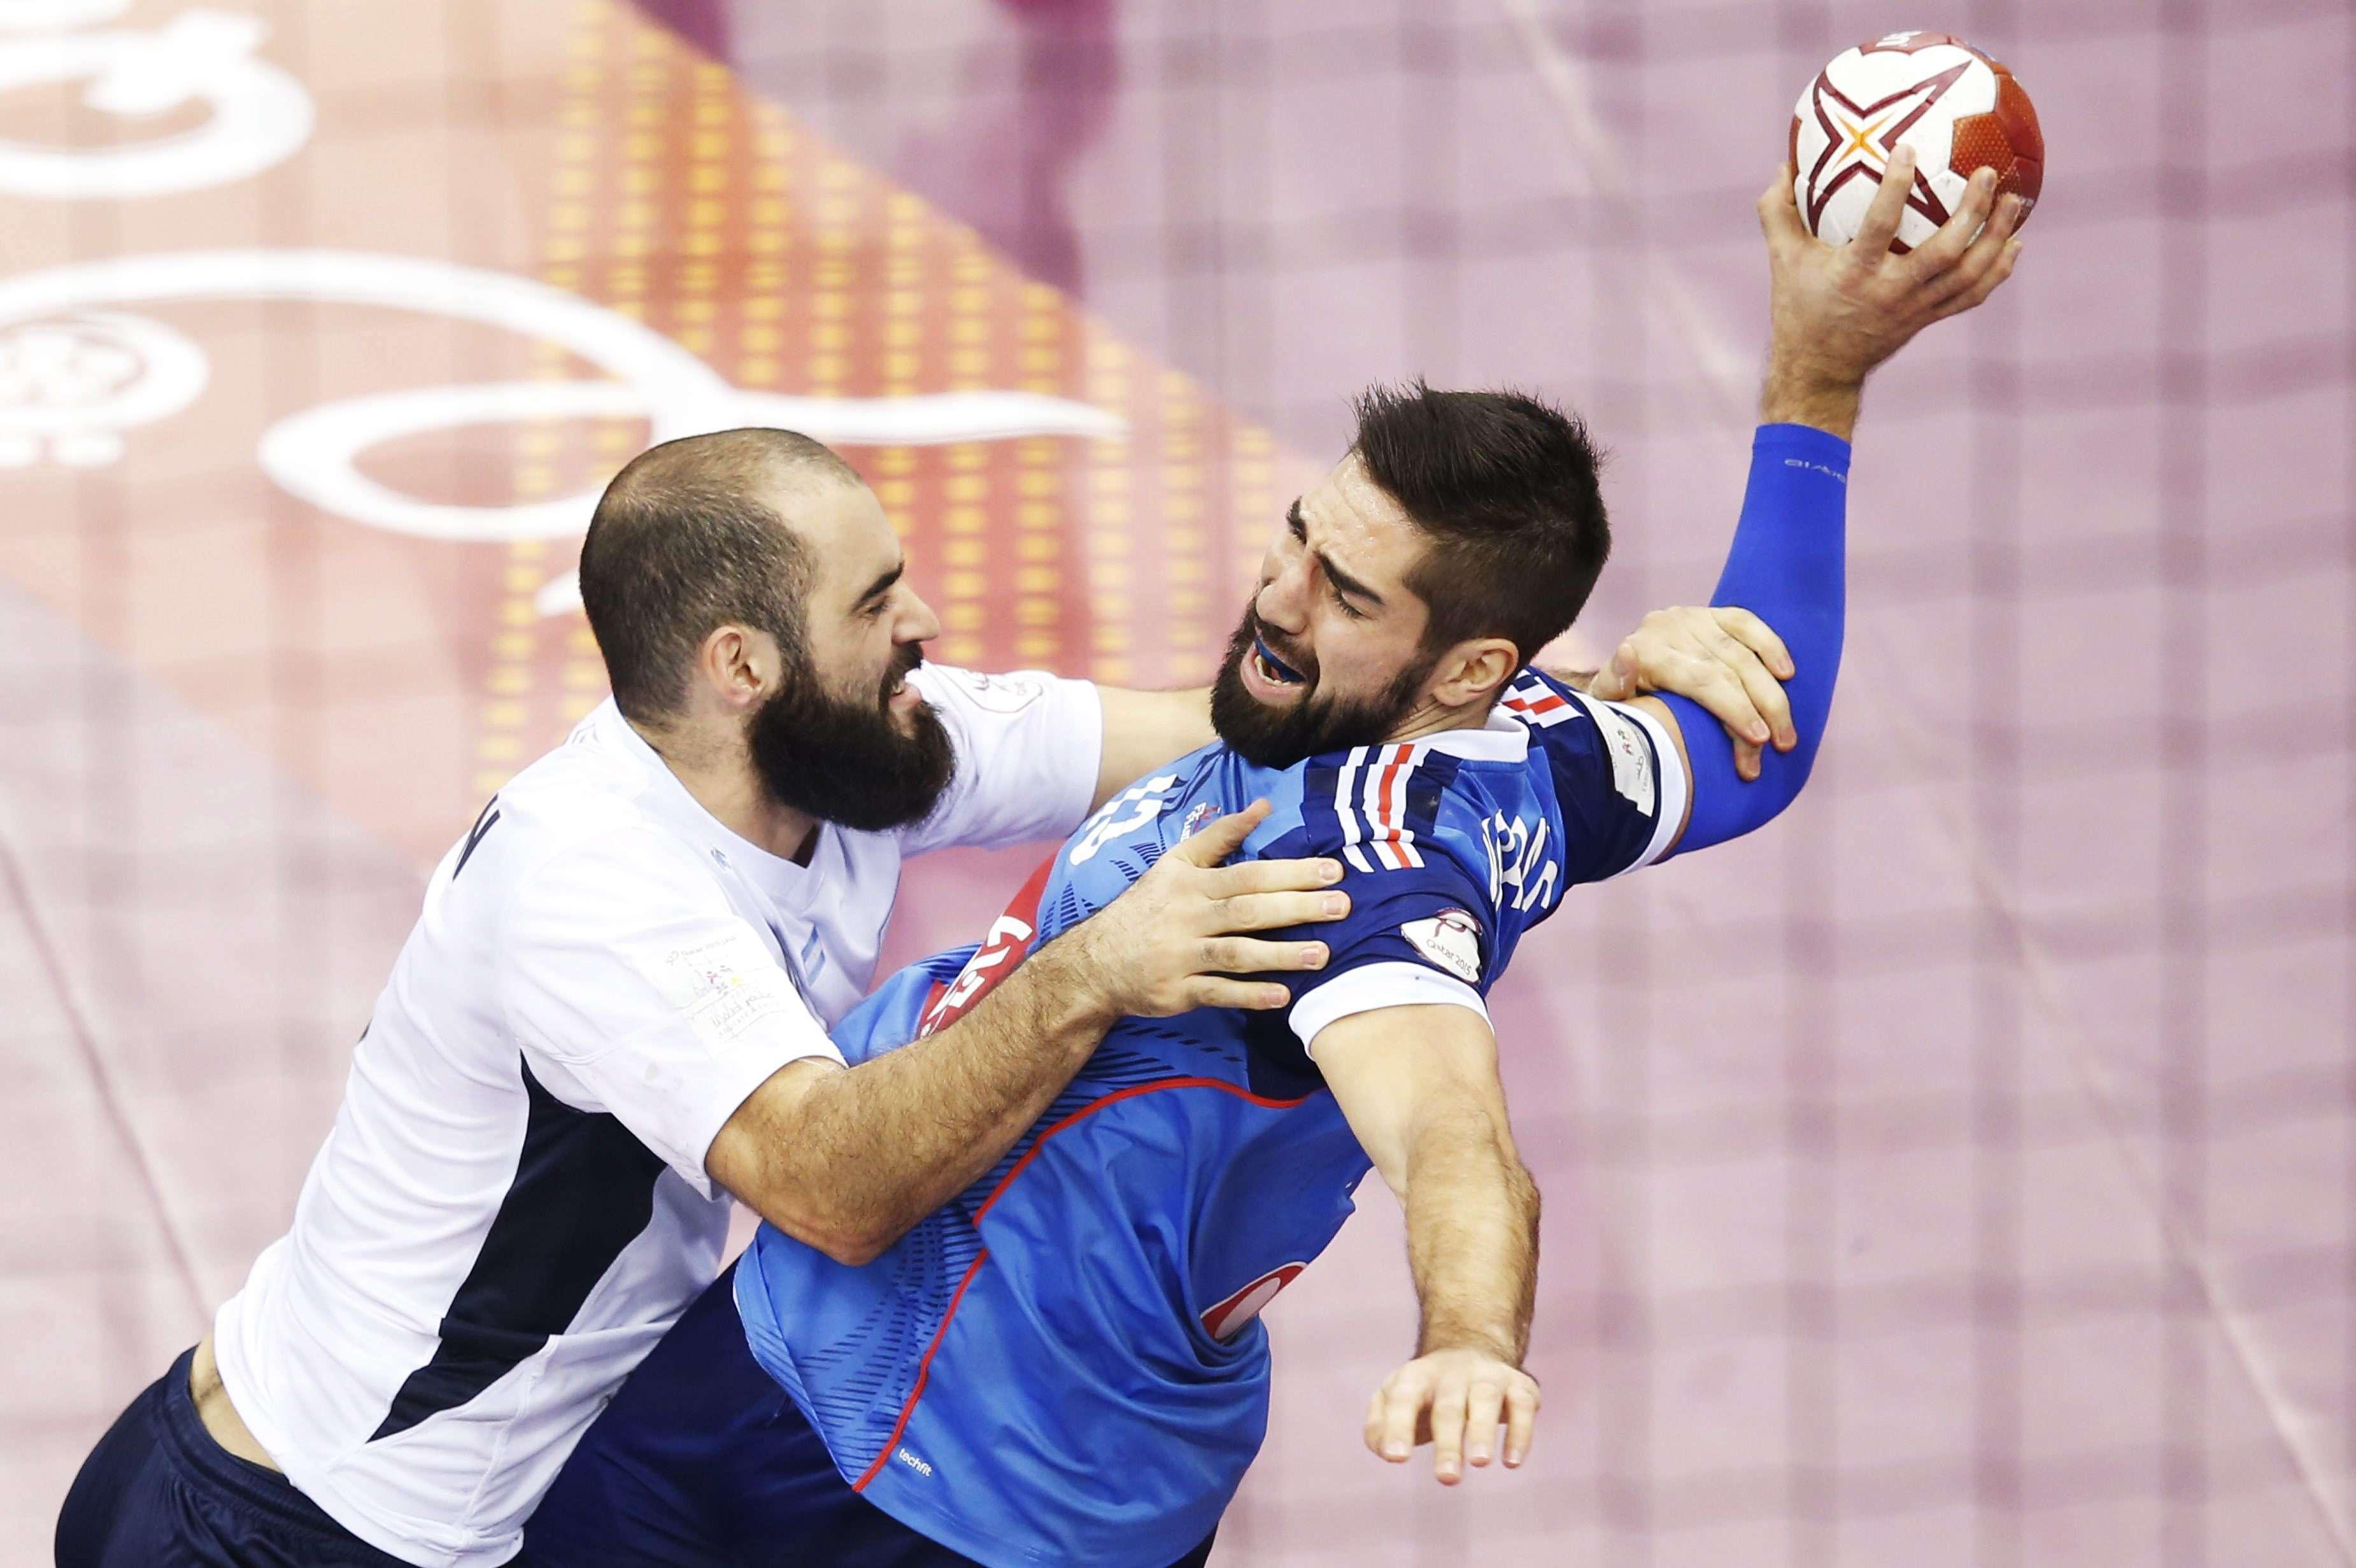 """Los """"Gladiadores"""" del handball argentino finalizaron en el 12° puesto del Mundial de Qatar tras caer con claridad ante el bicampeón olímpico, Francia. Carou fue el máximo artillero argentino, mientras que el arquero galo Thierry Omayer, fue un una muralla. Foto: EFE"""